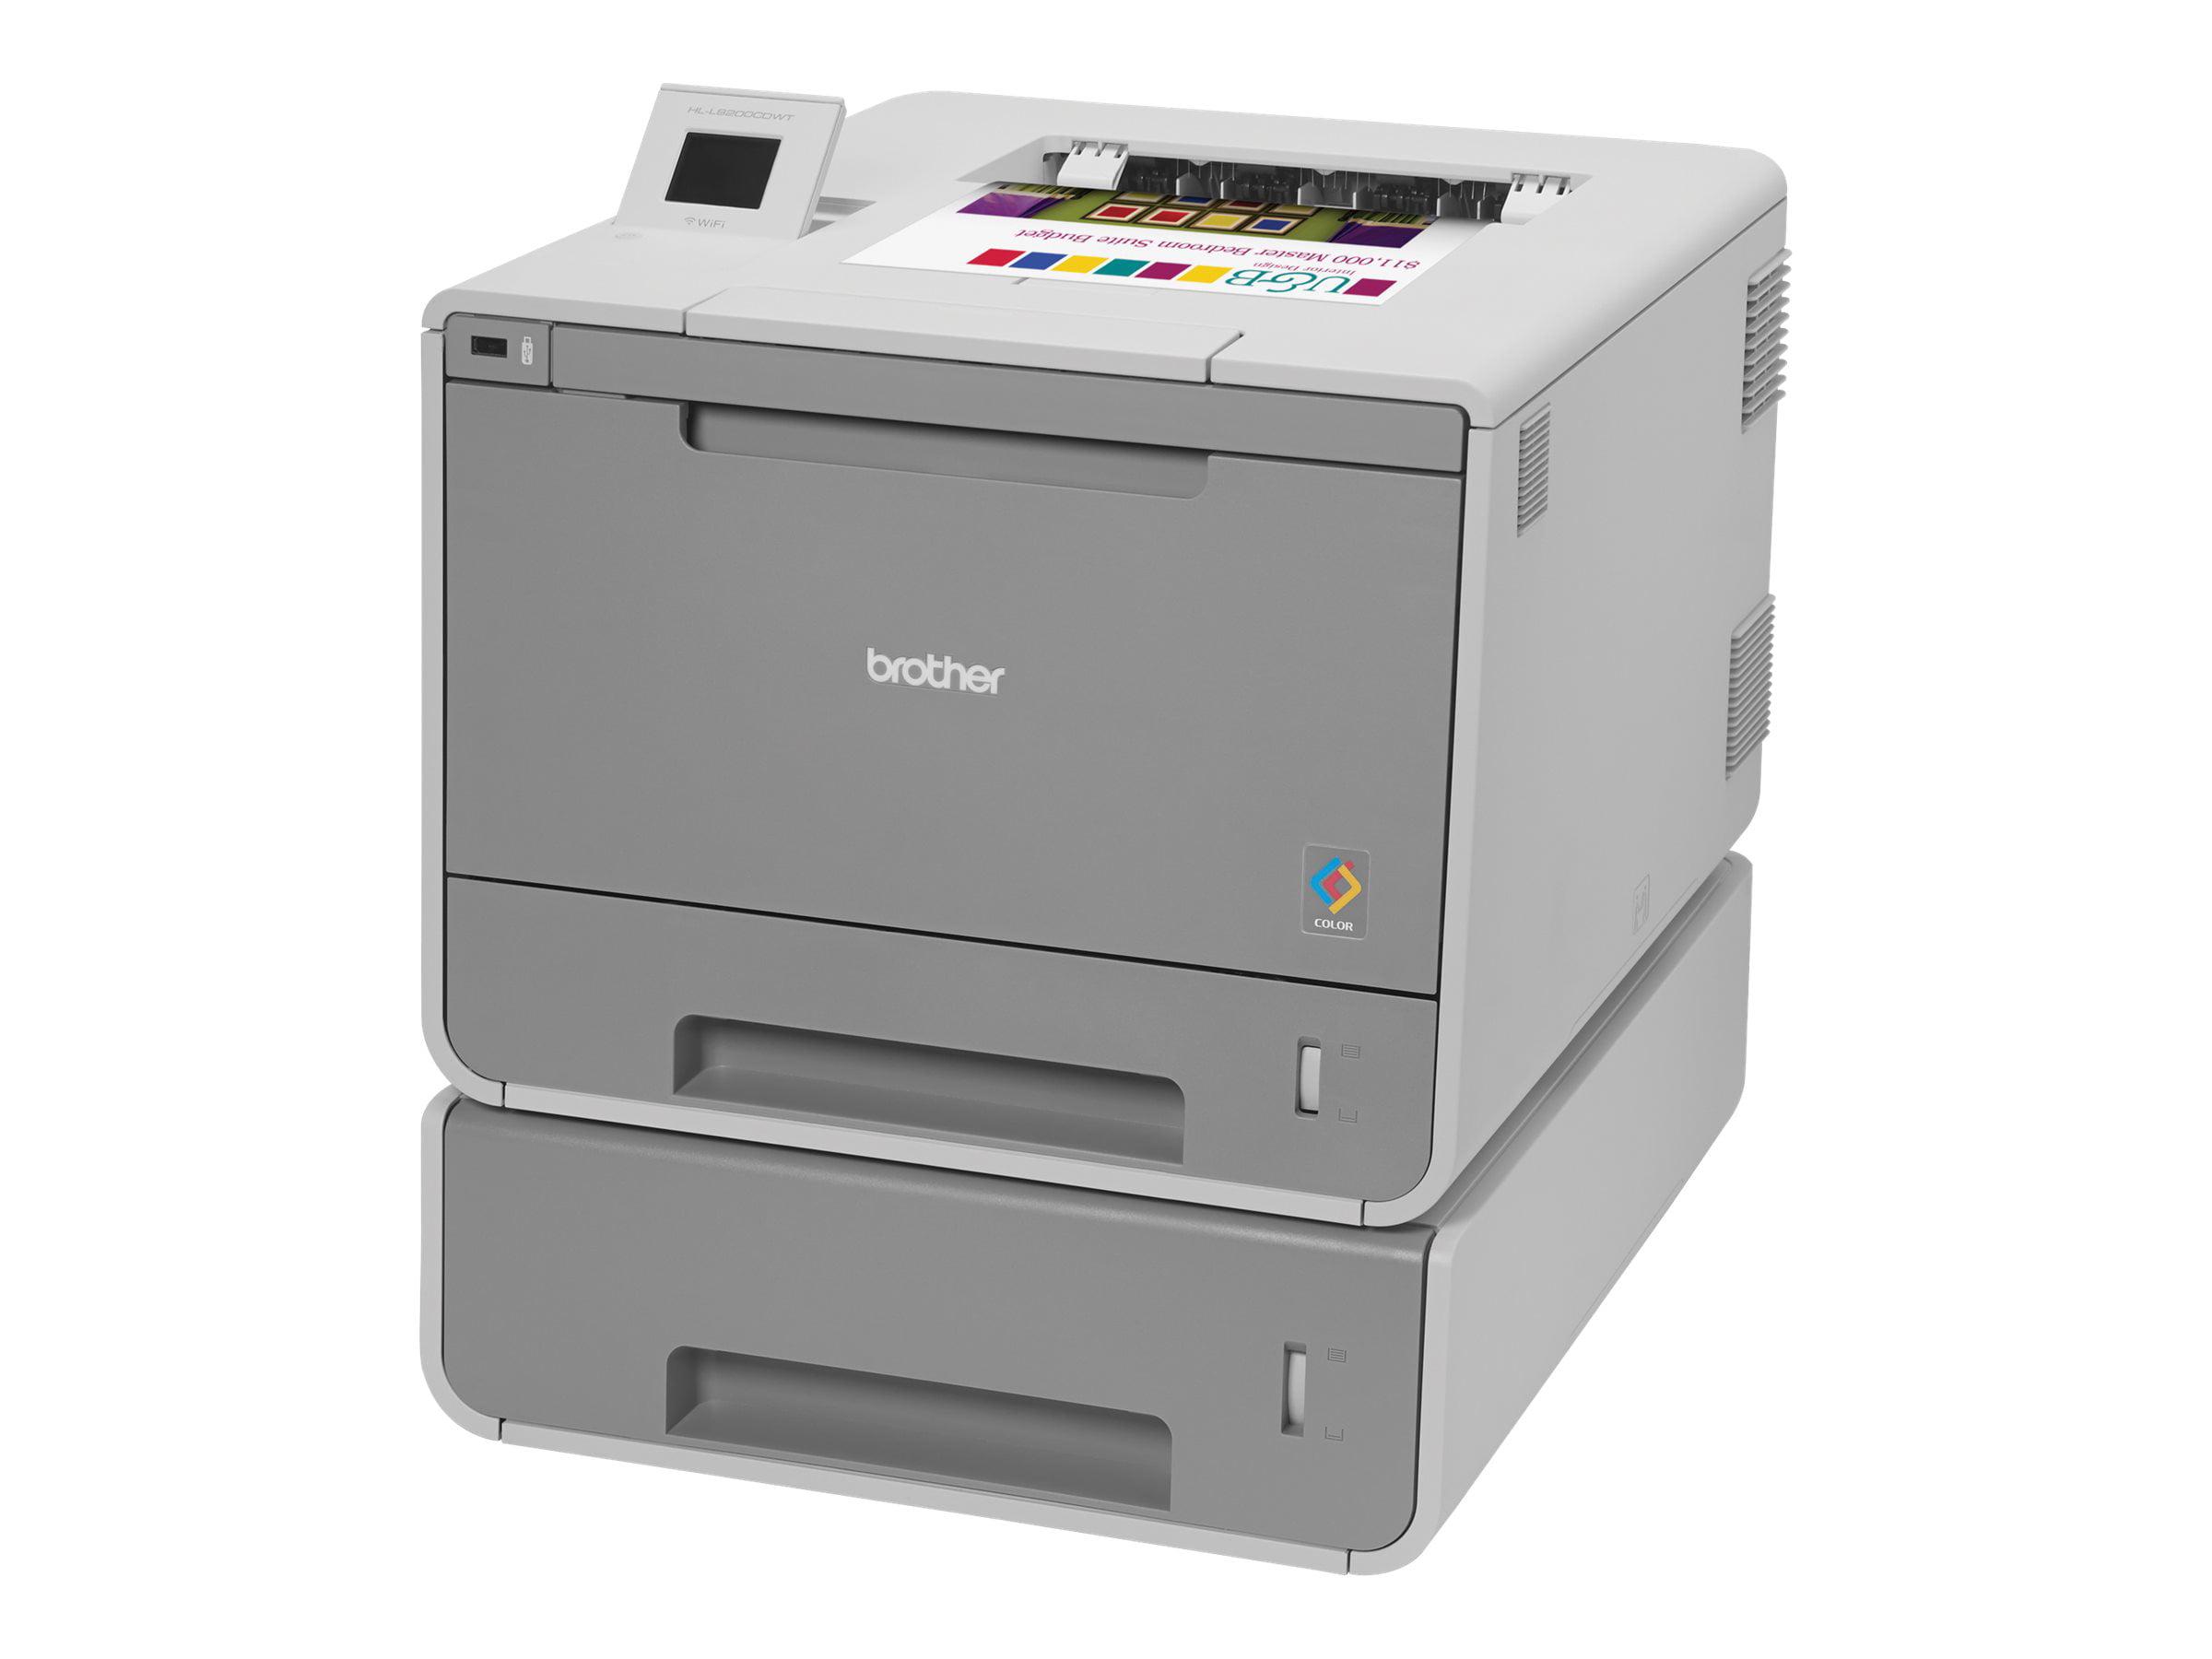 Brother HL-L9200CDWT printer color laser by Brother